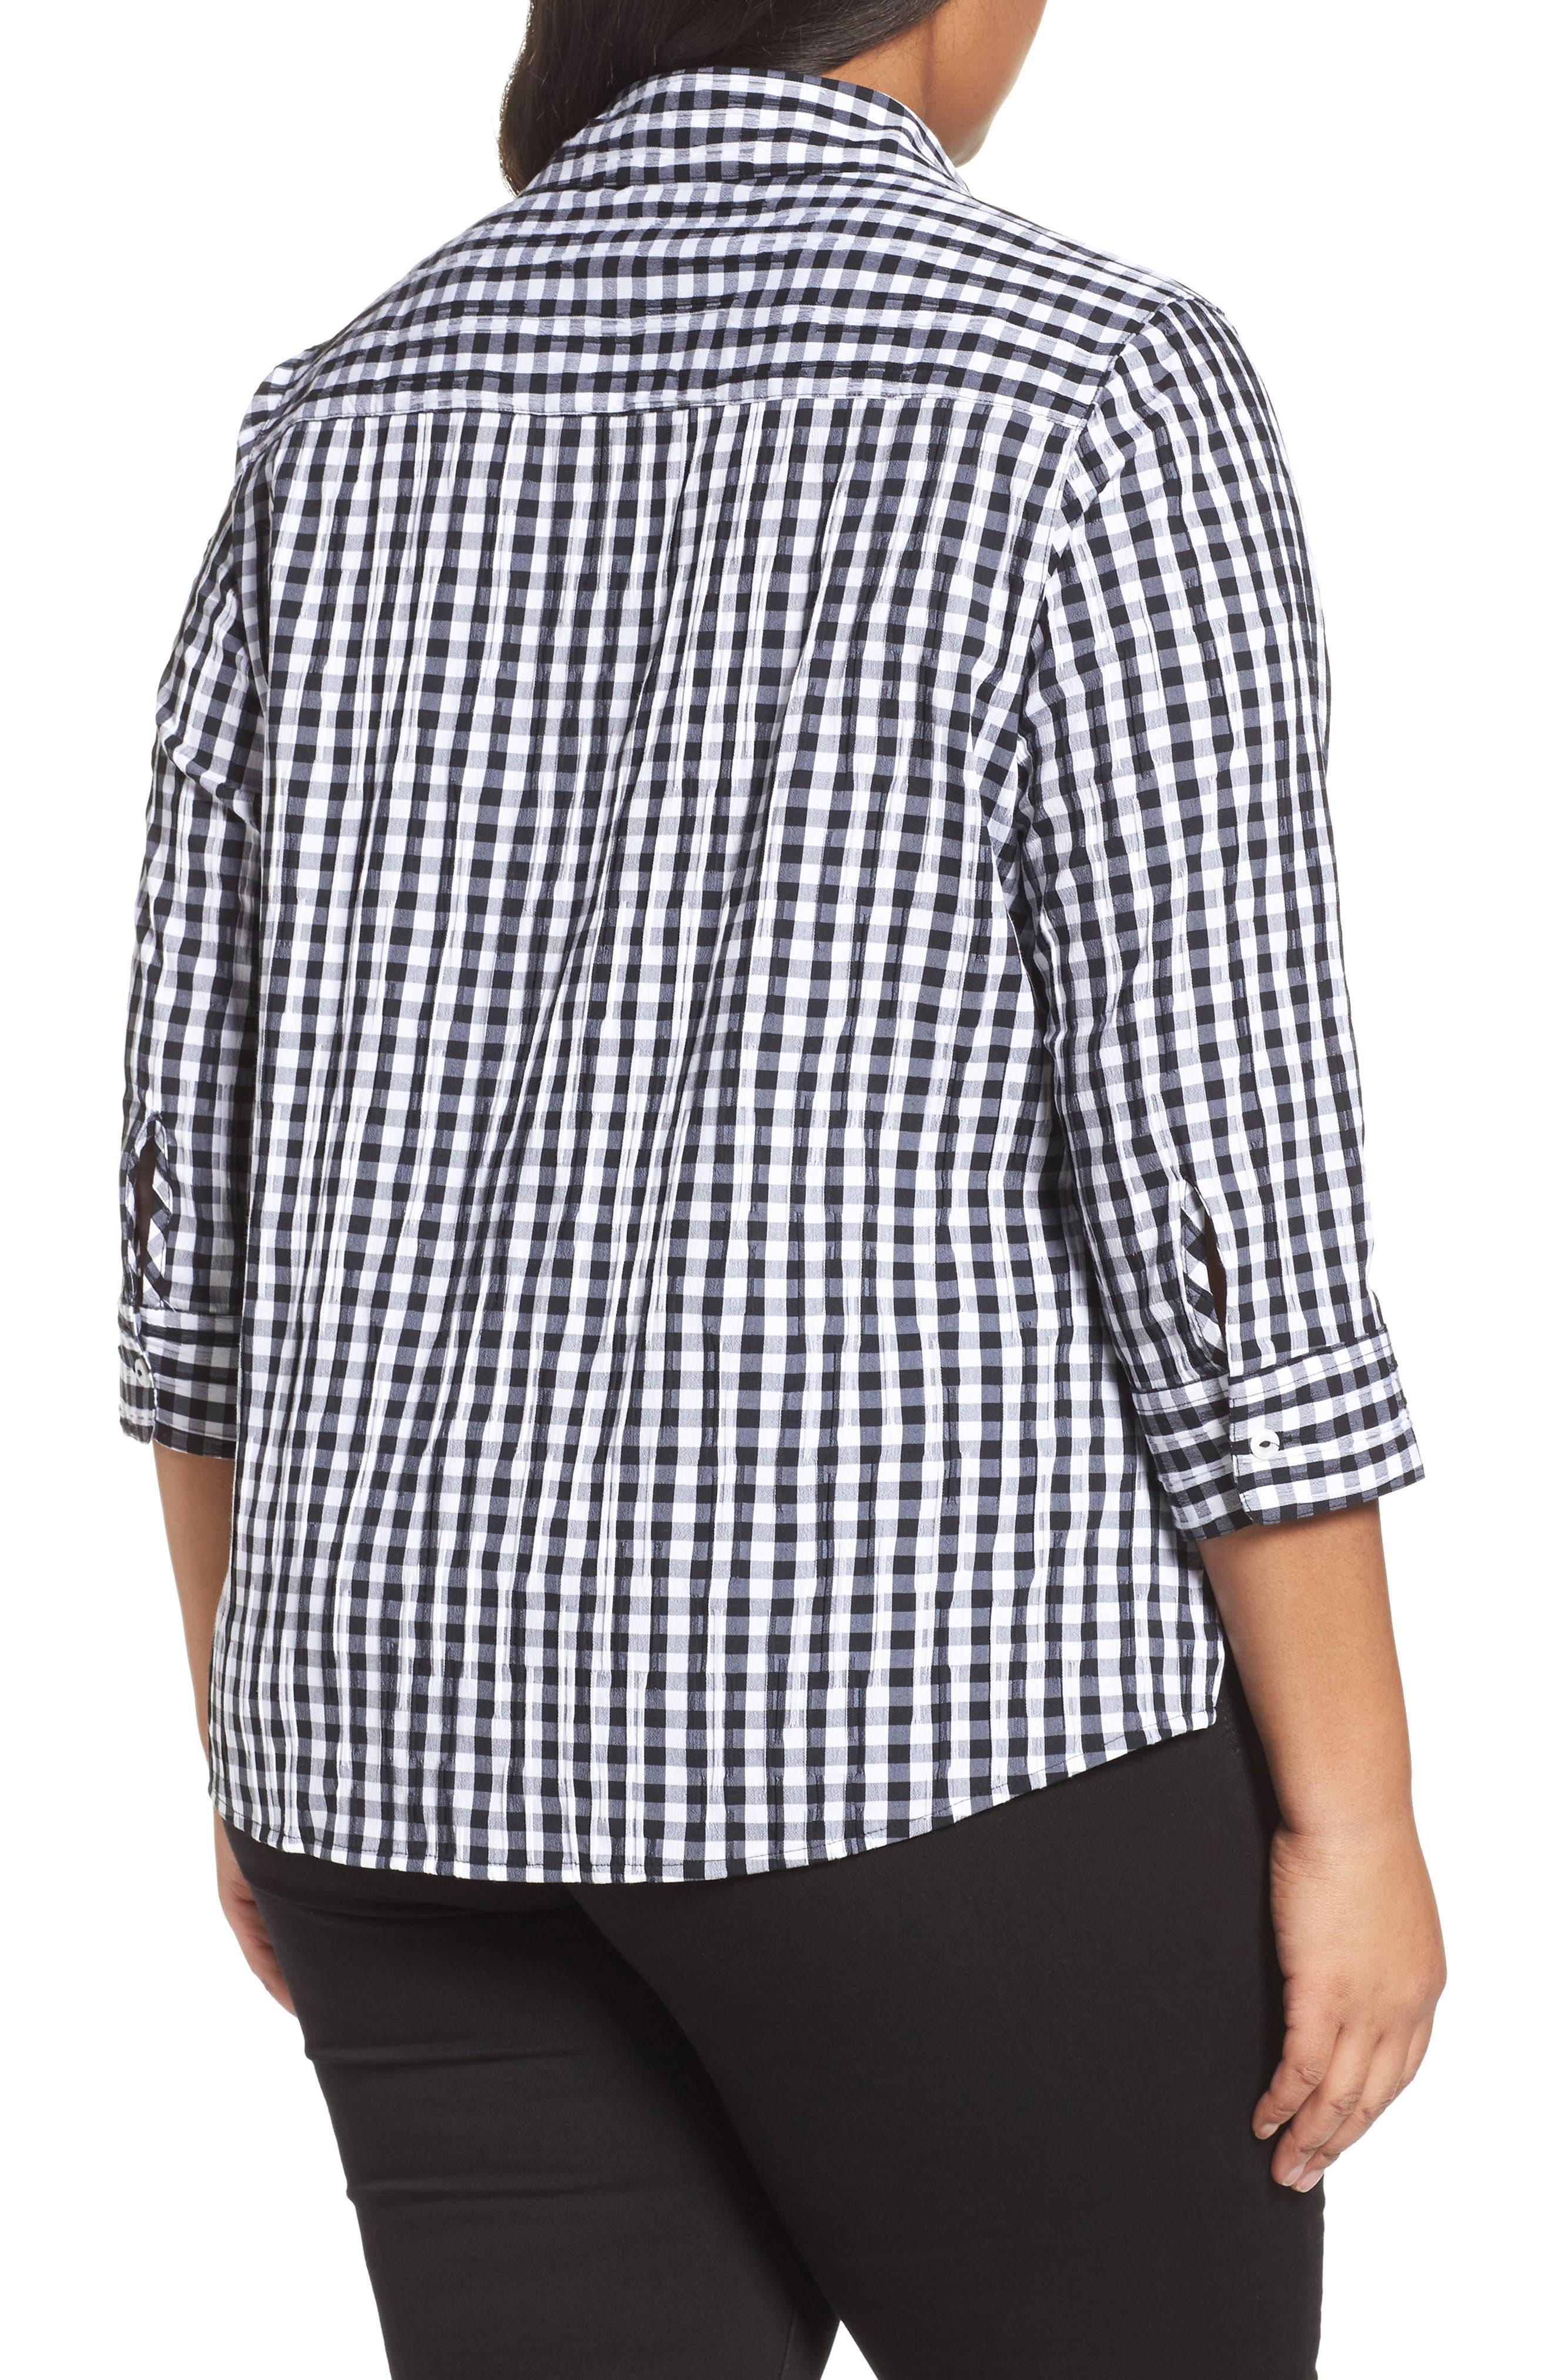 Alternate Image 2  - Foxcroft Gingham Shirt (Plus Size)